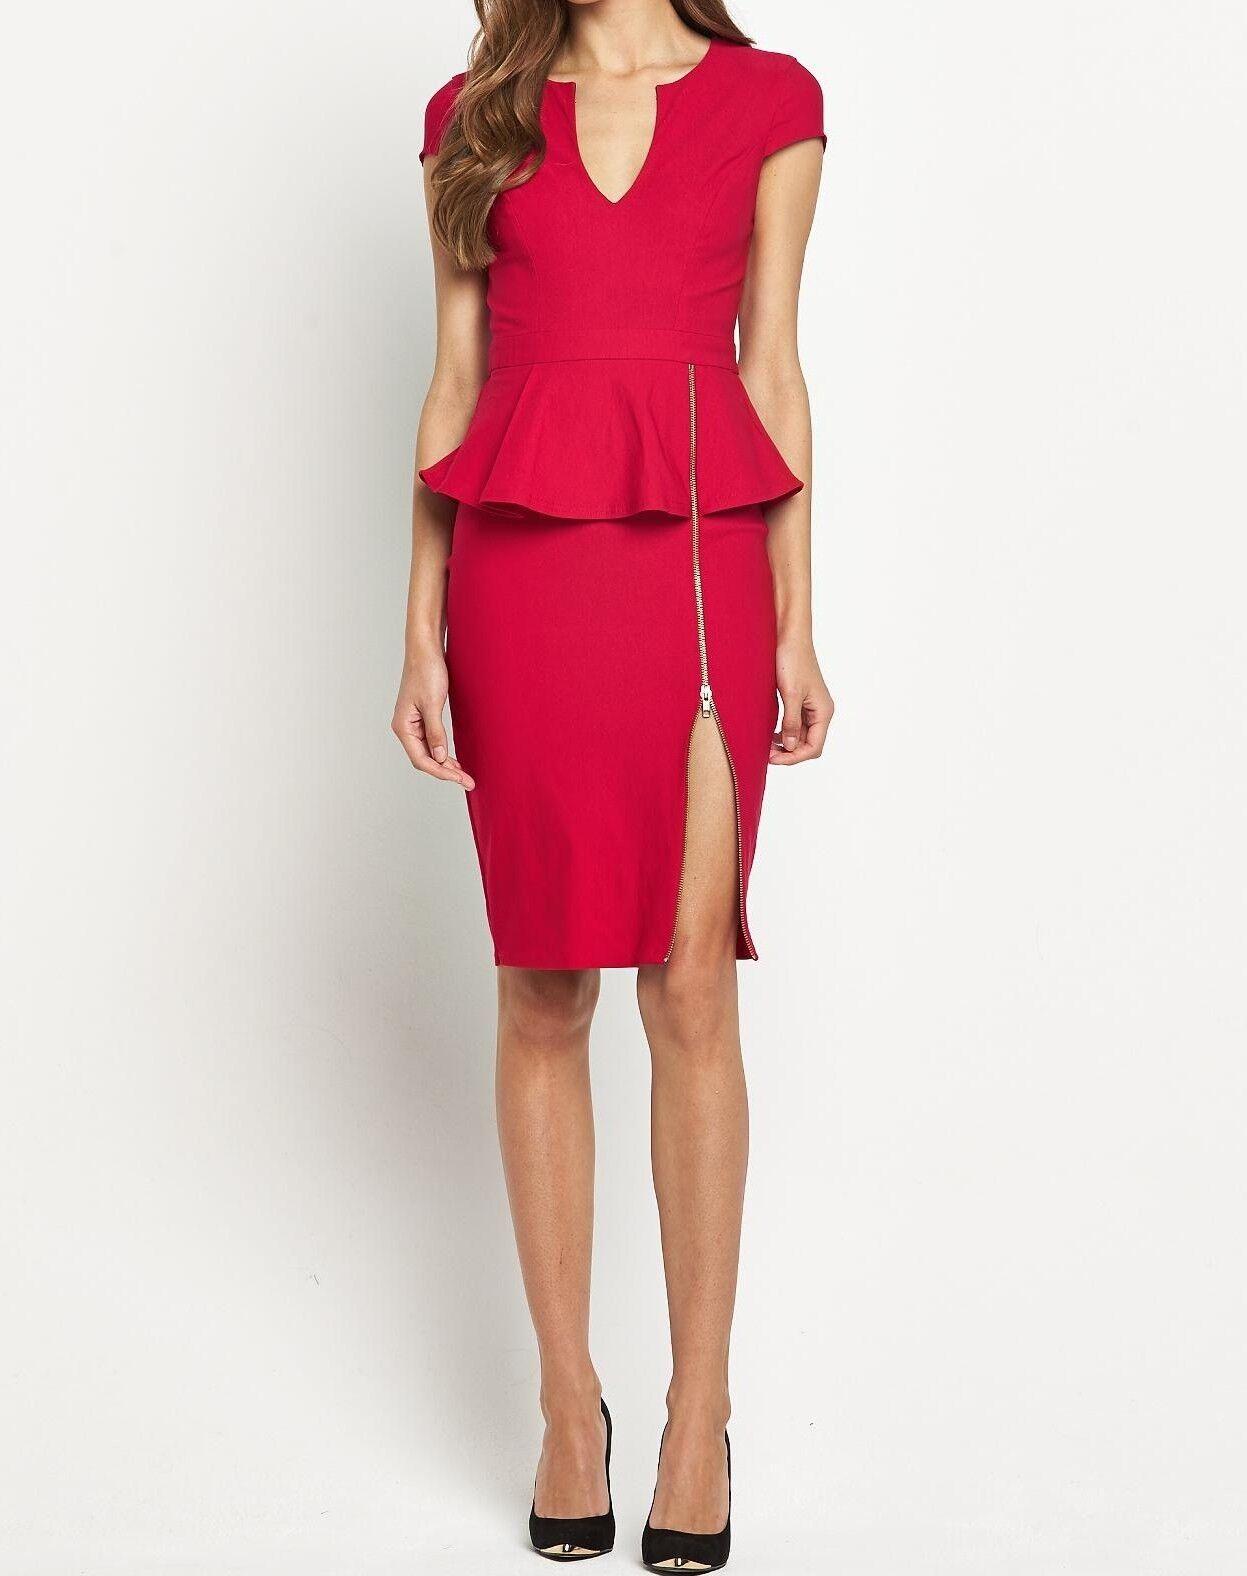 BNWT Red Lipsy Zip Skirt Detail Peplum Waist Shift Pencil Dress UK12 RRP